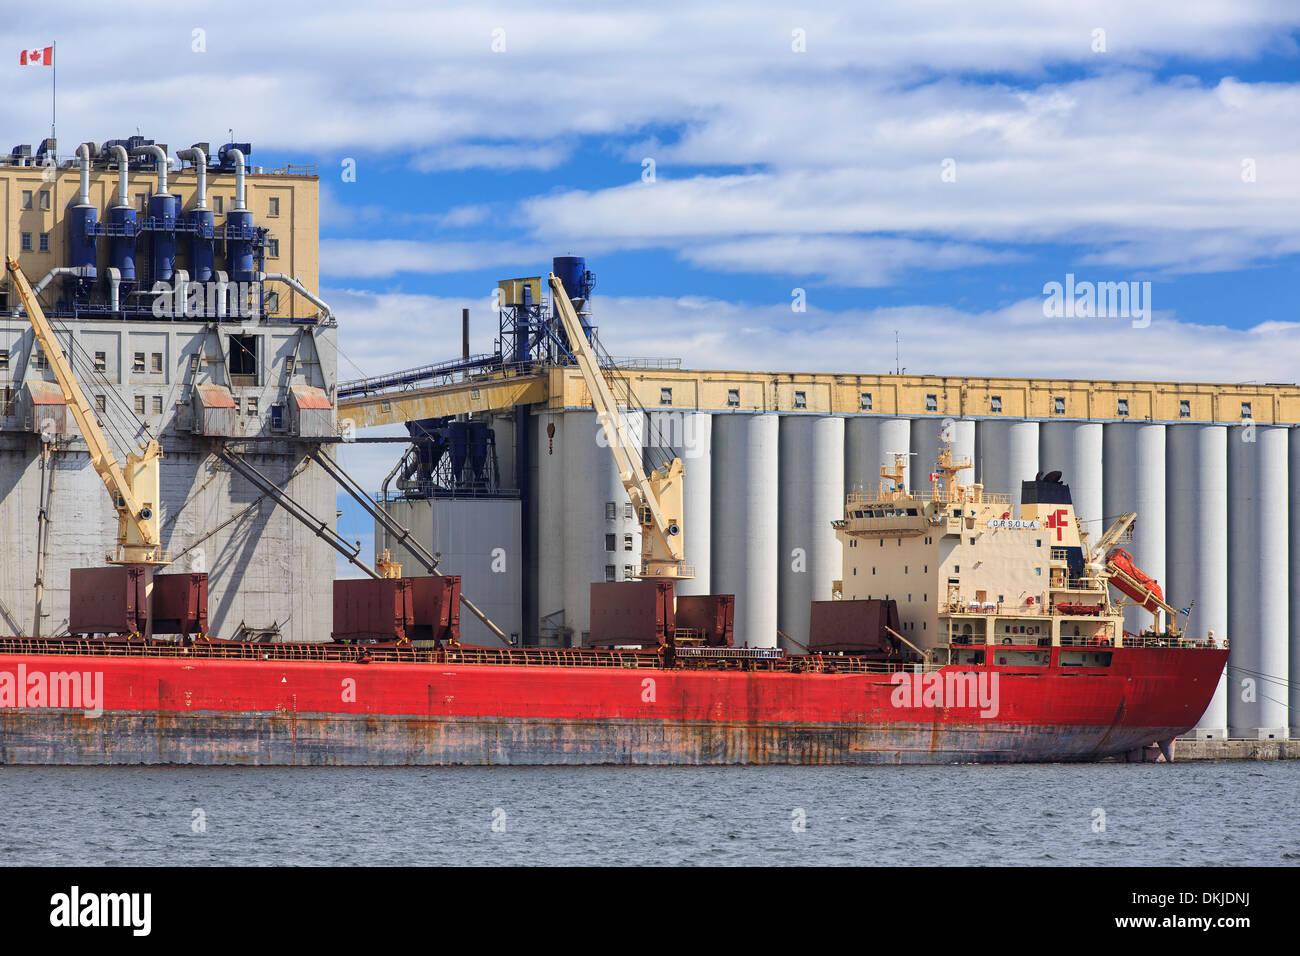 Cargo ship loading grain, Thunder Bay, Ontario, Canada - Stock Image